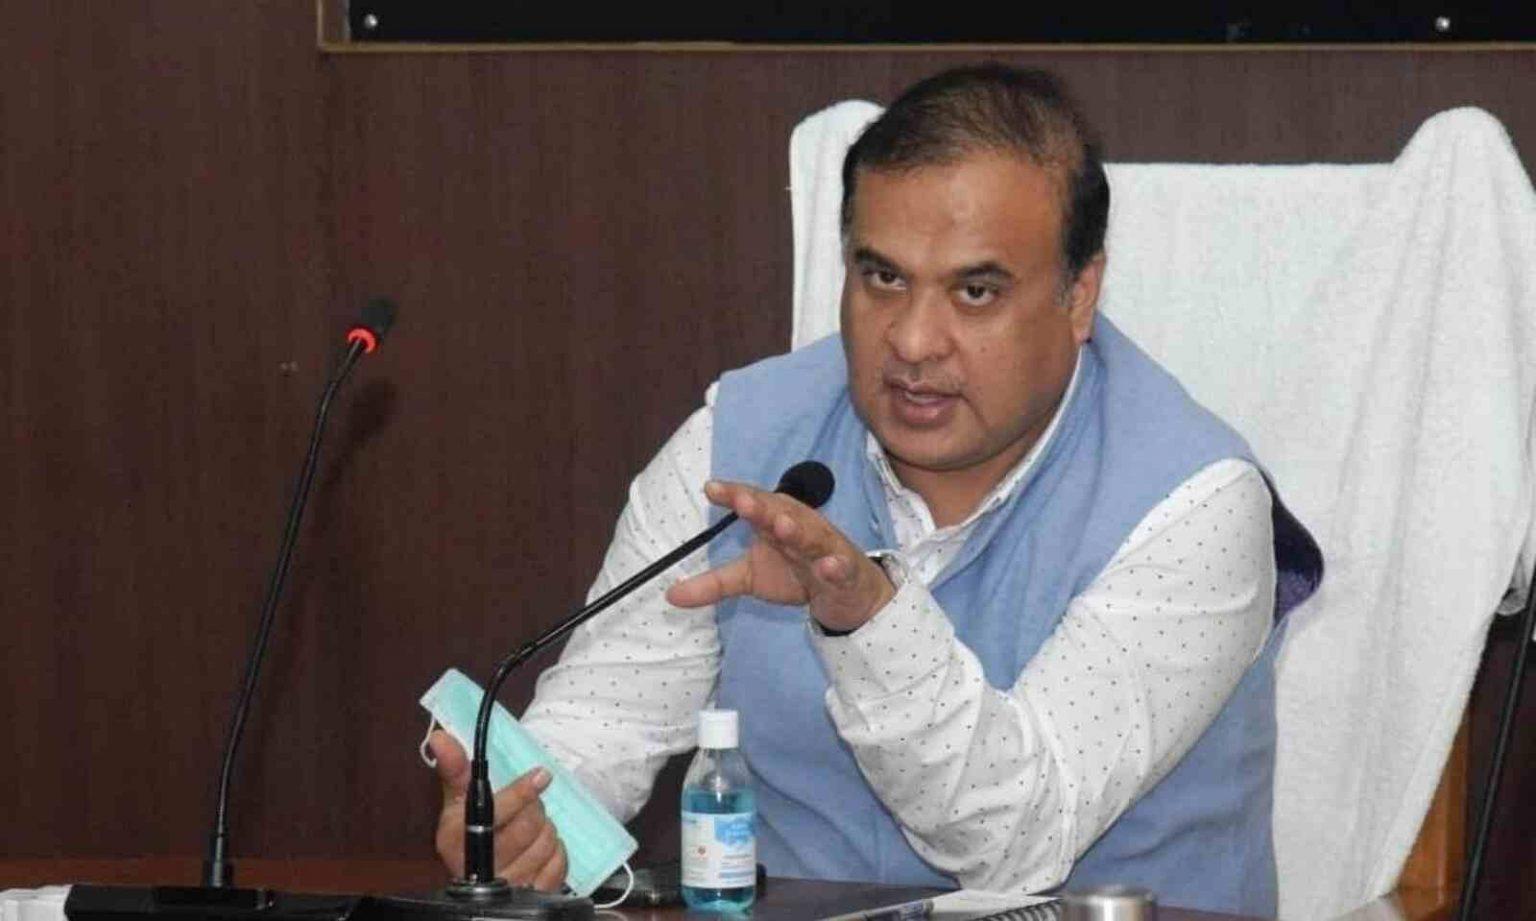 Assam CM Himanta Biswa assures govt jobs for National Games Medalists   అస్సాం సిఎం హిమంత బిస్వా జాతీయ క్రీడల పతక విజేతలకు ప్రభుత్వ ఉద్యోగాలు హామీ ఇచ్చారు  _40.1